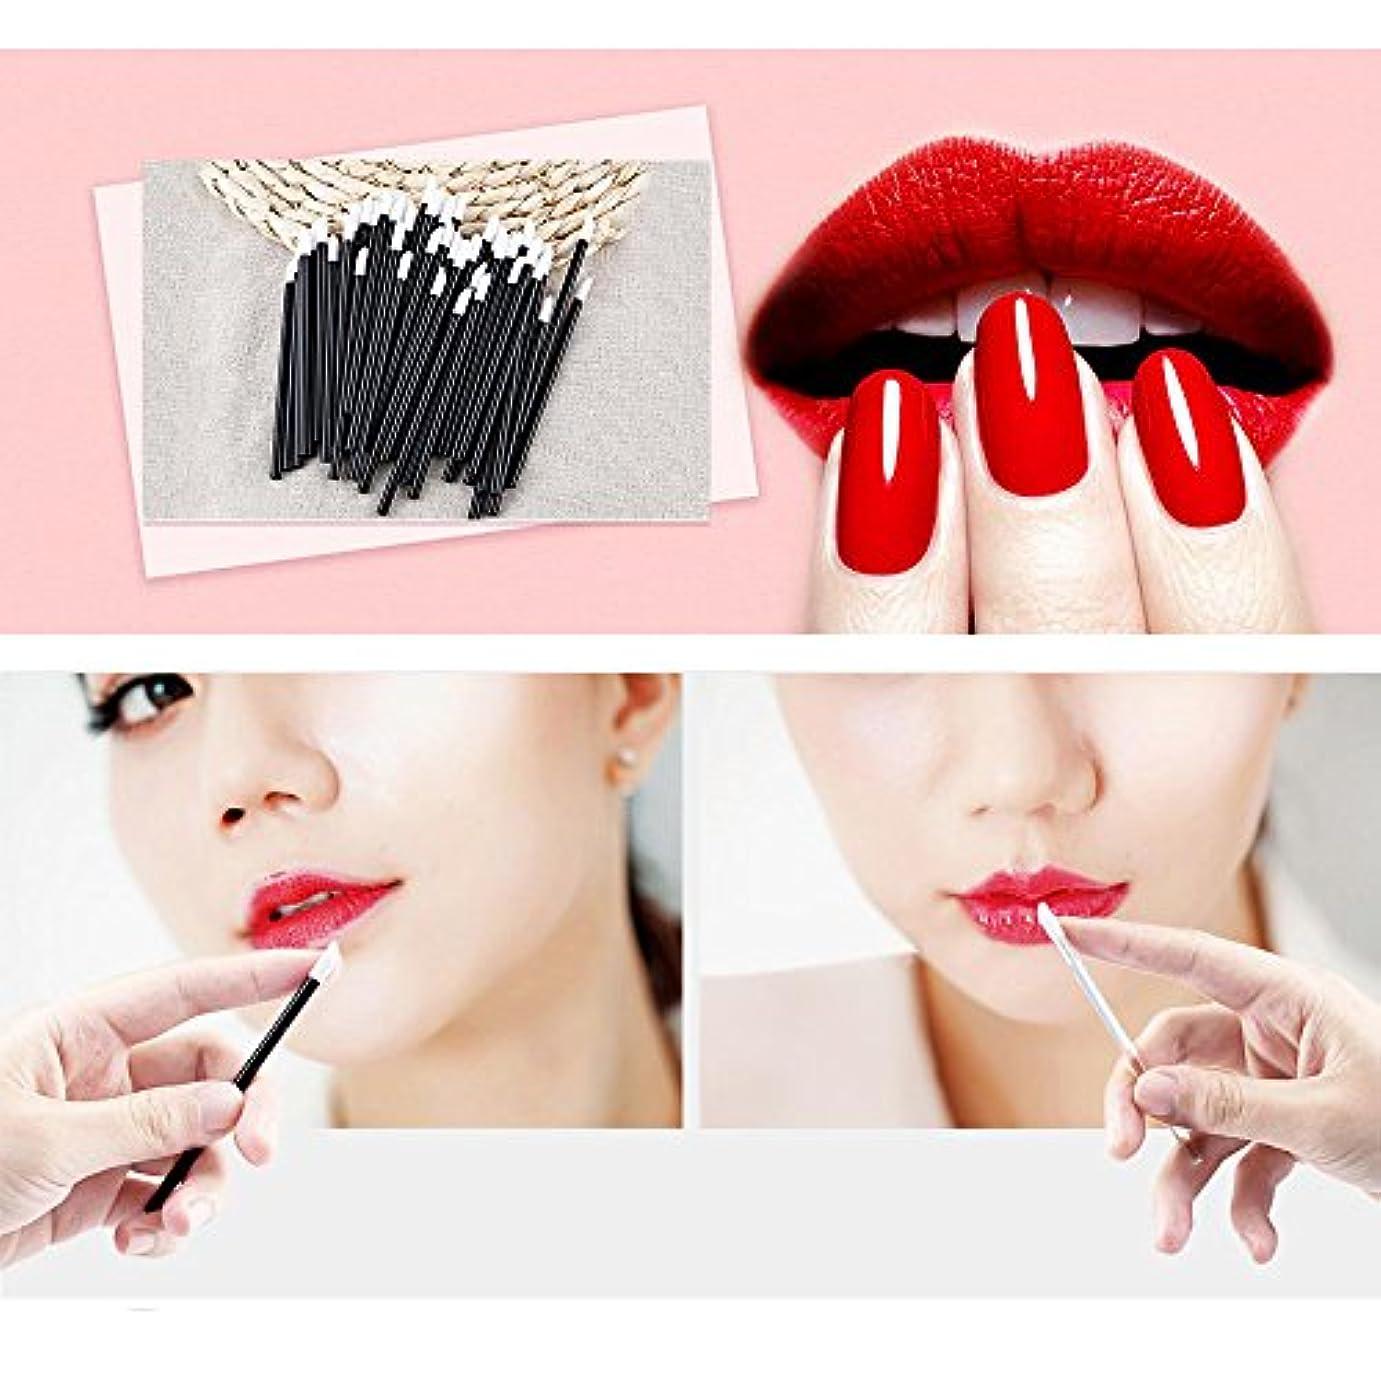 読むメアリアンジョーンズ臨検Women Accessories 100 PCS Disposable Lip Brush Wholesale Gloss Wands Applicator Perfect Best Make Up Tool HS